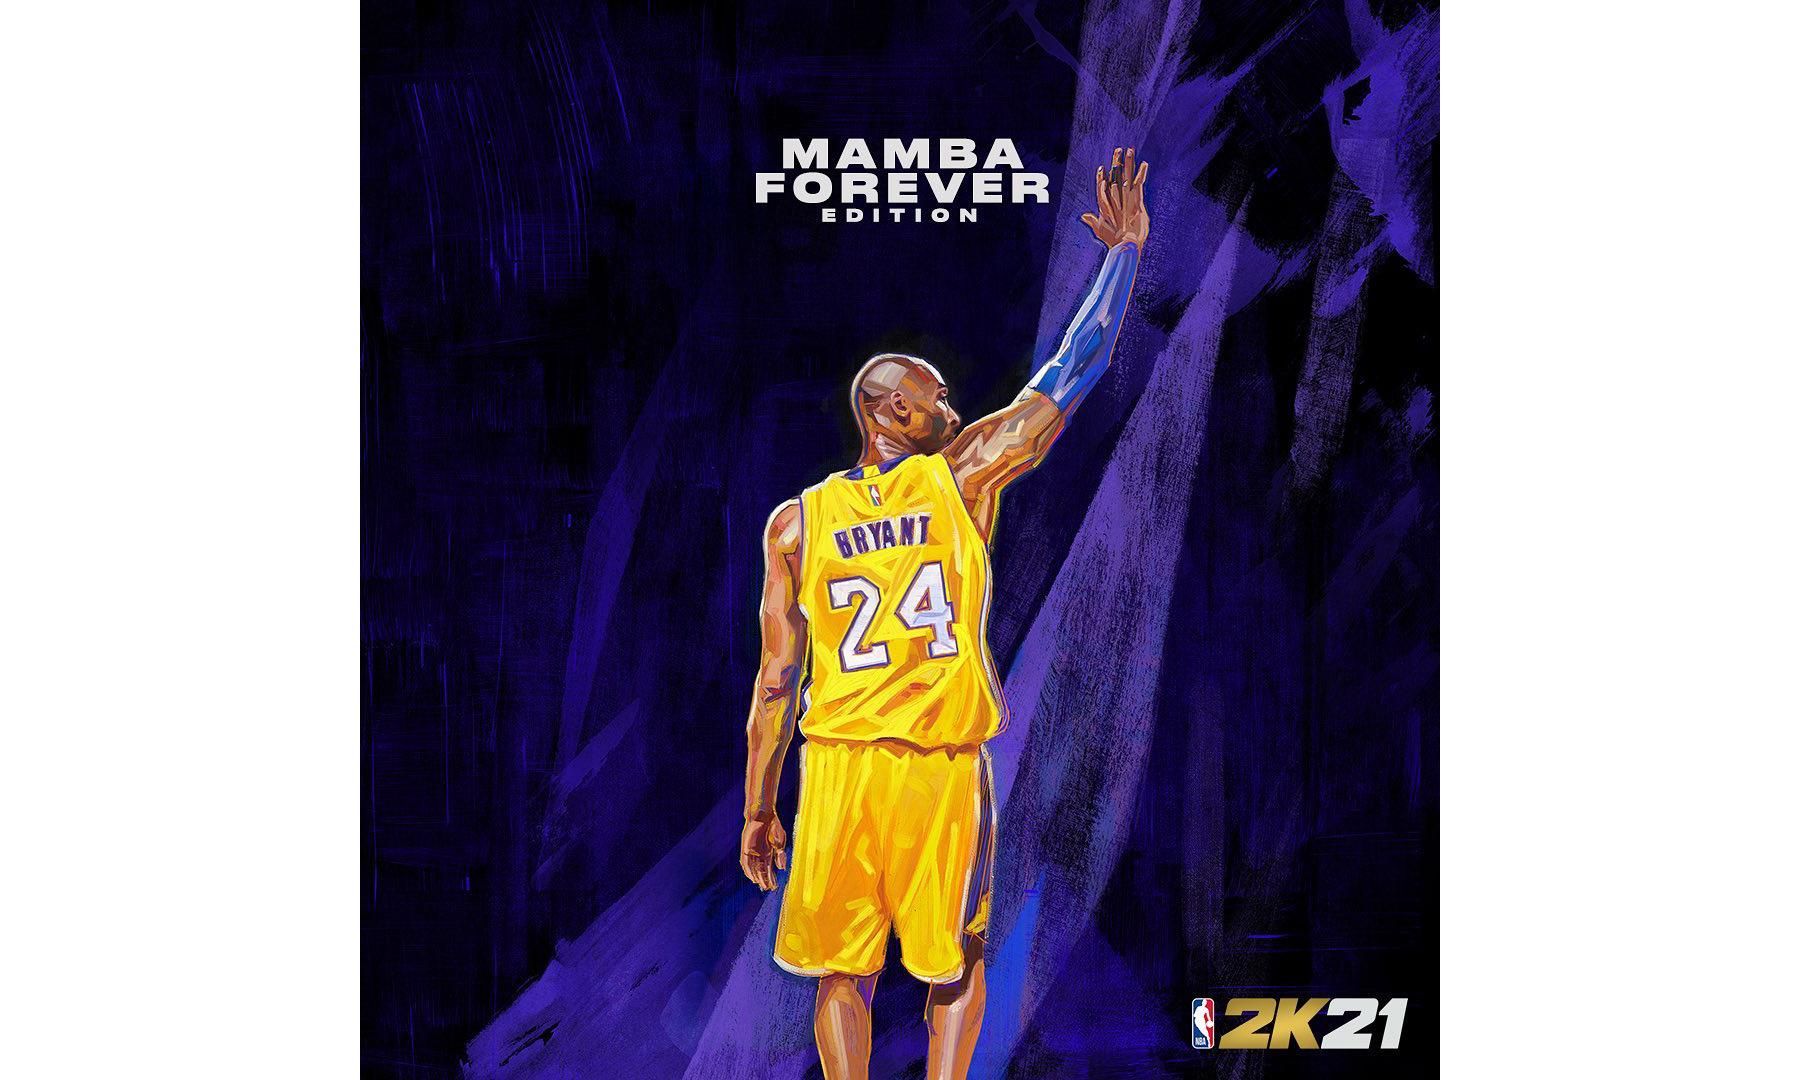 科比封面来了,《NBA 2K21》公布将推出曼巴永恒版